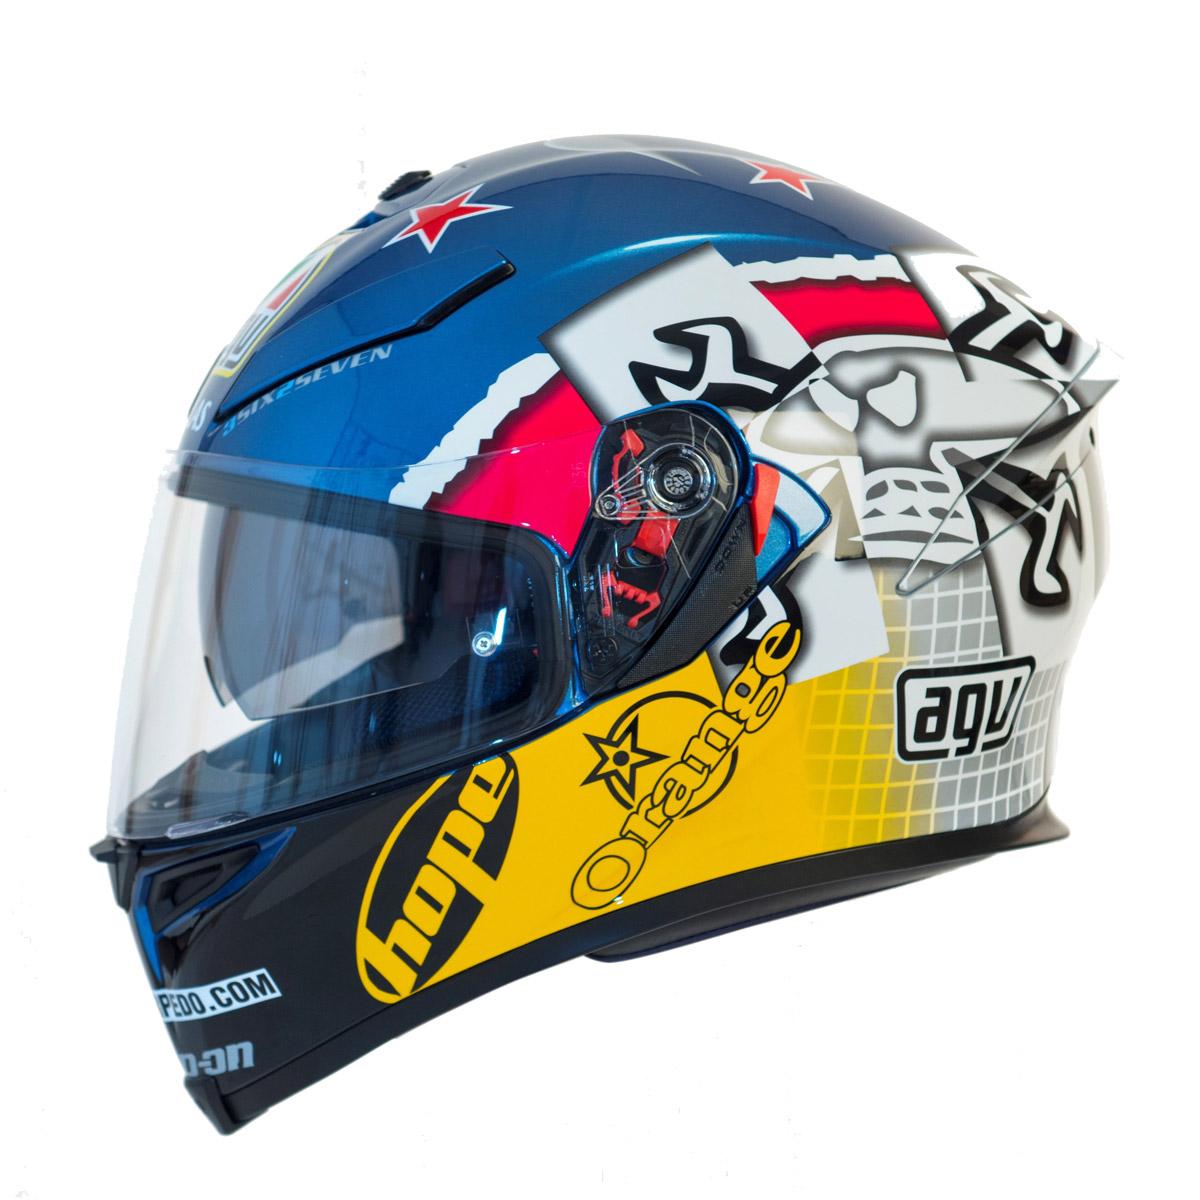 Best motorcycle helmets under £250 | Visordown